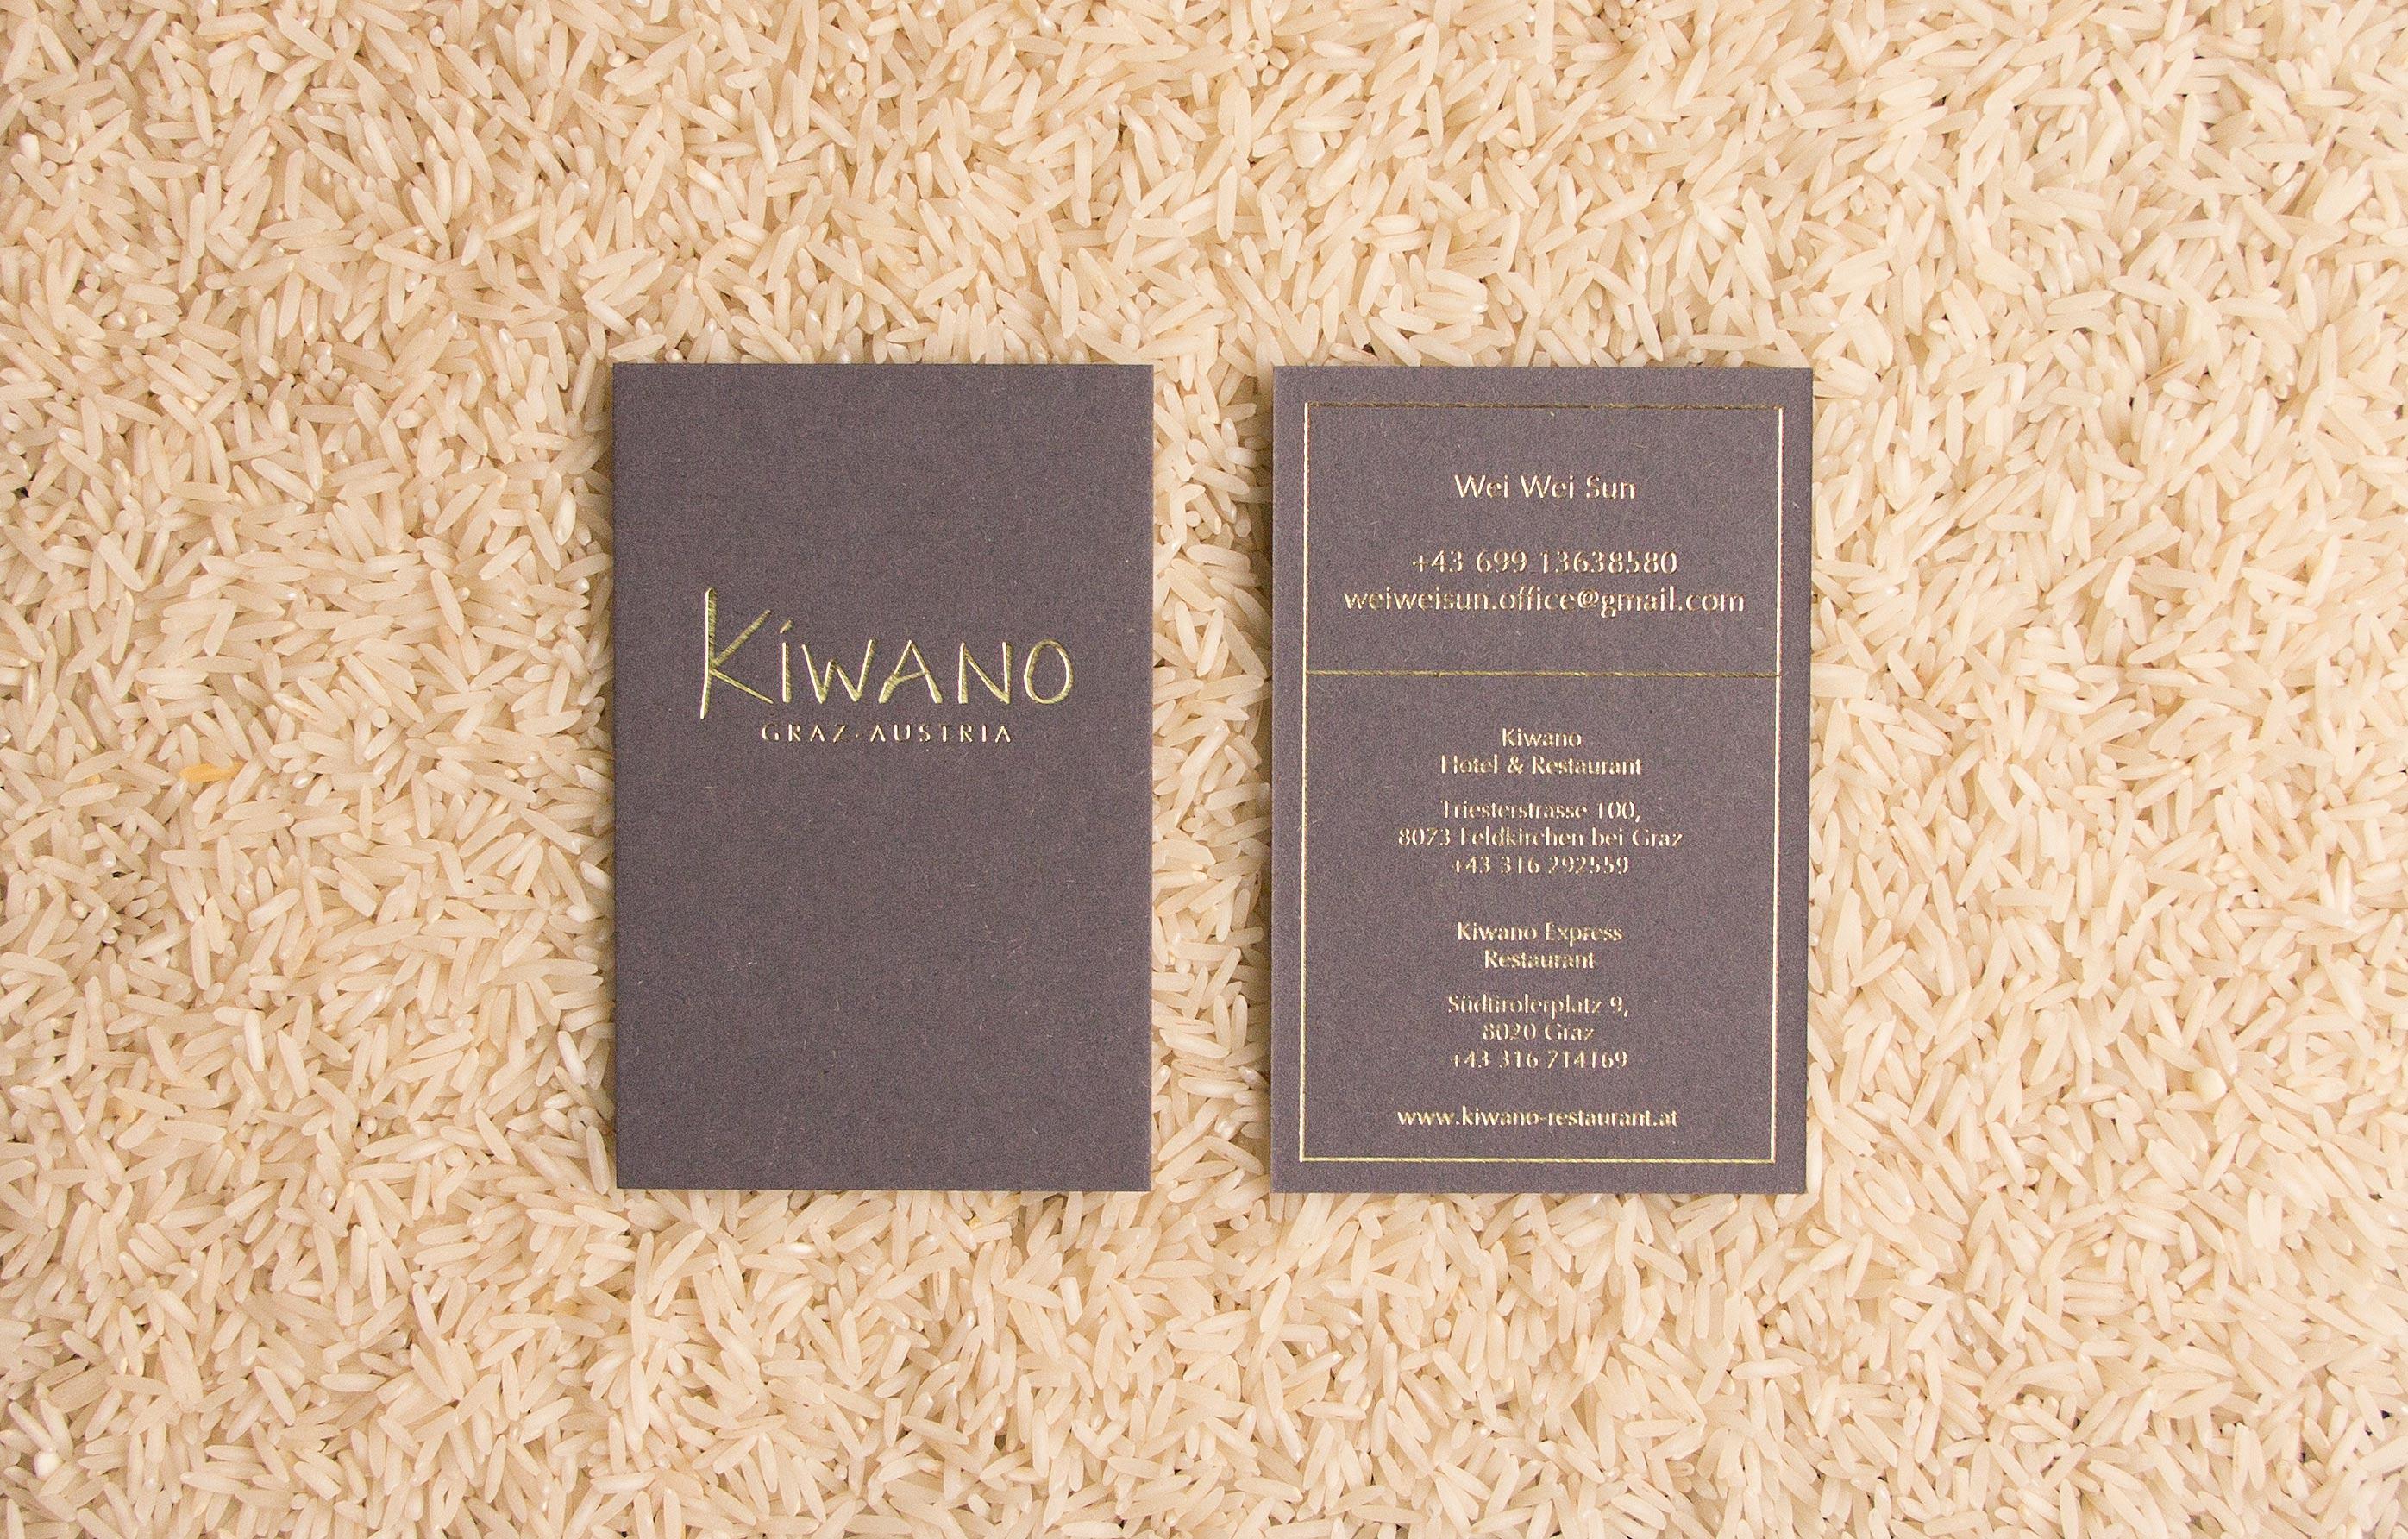 kiwano-06